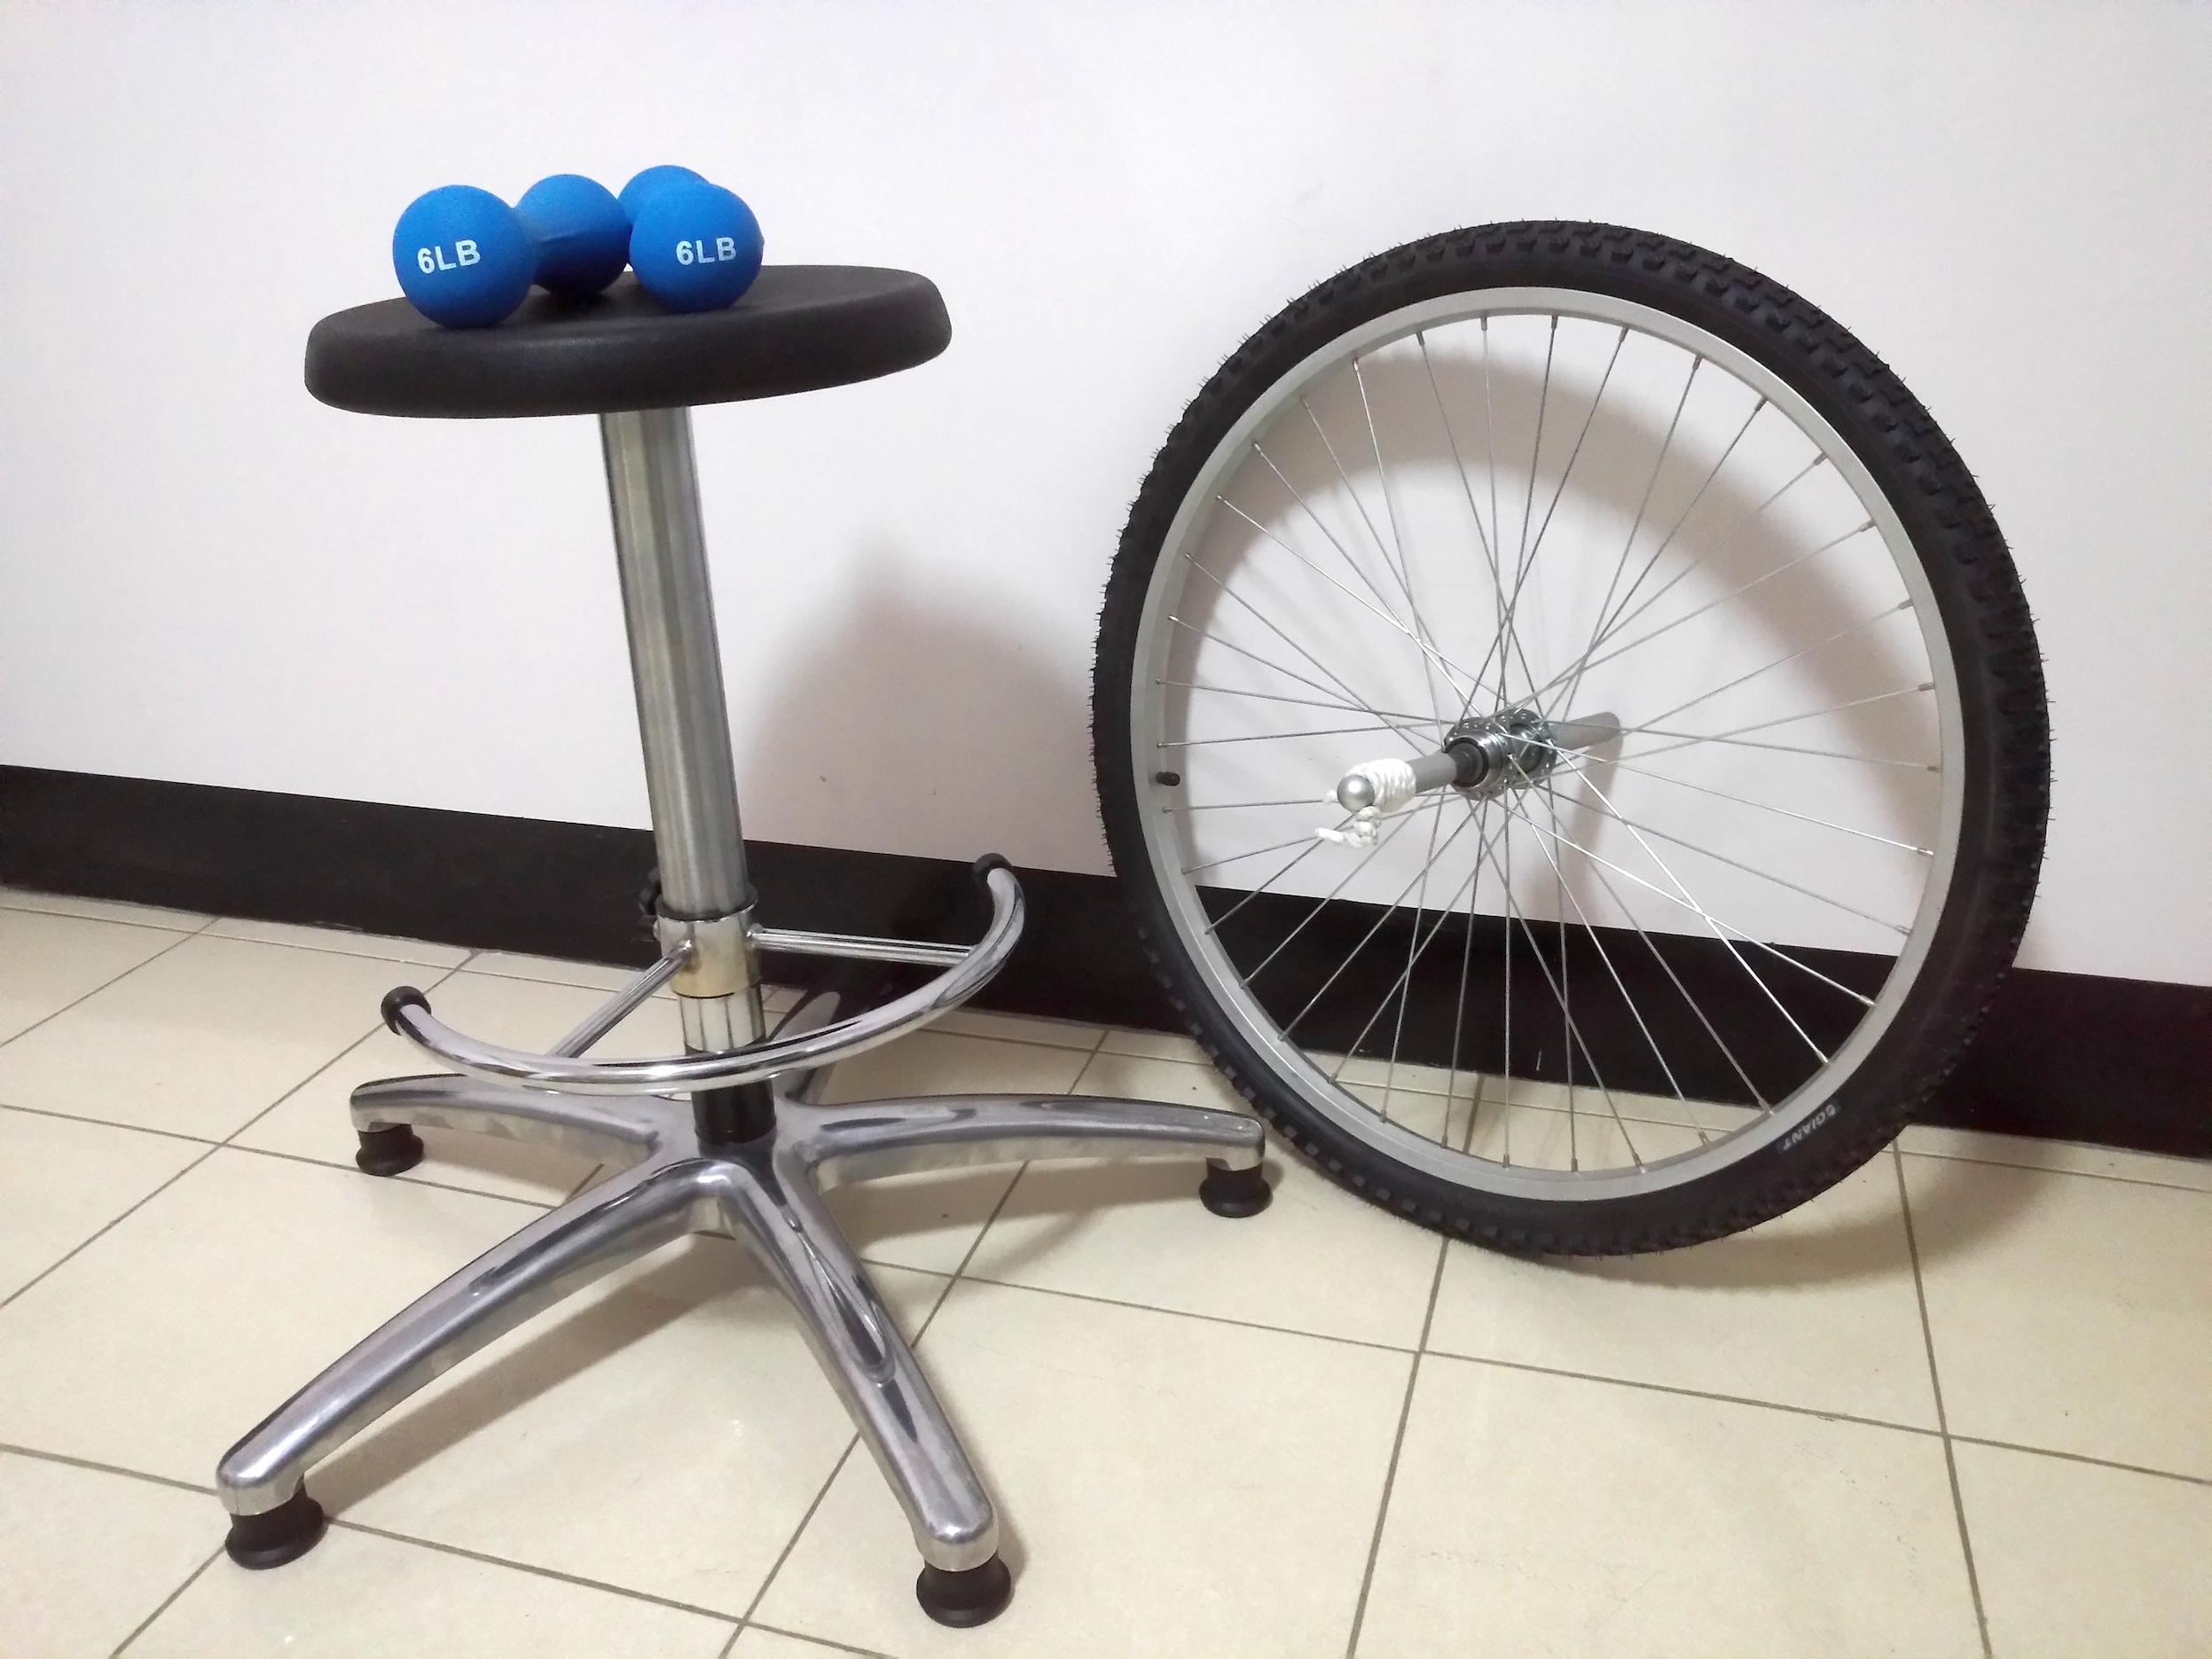 160325角動量實驗(旋轉椅、輪胎、啞鈴)05